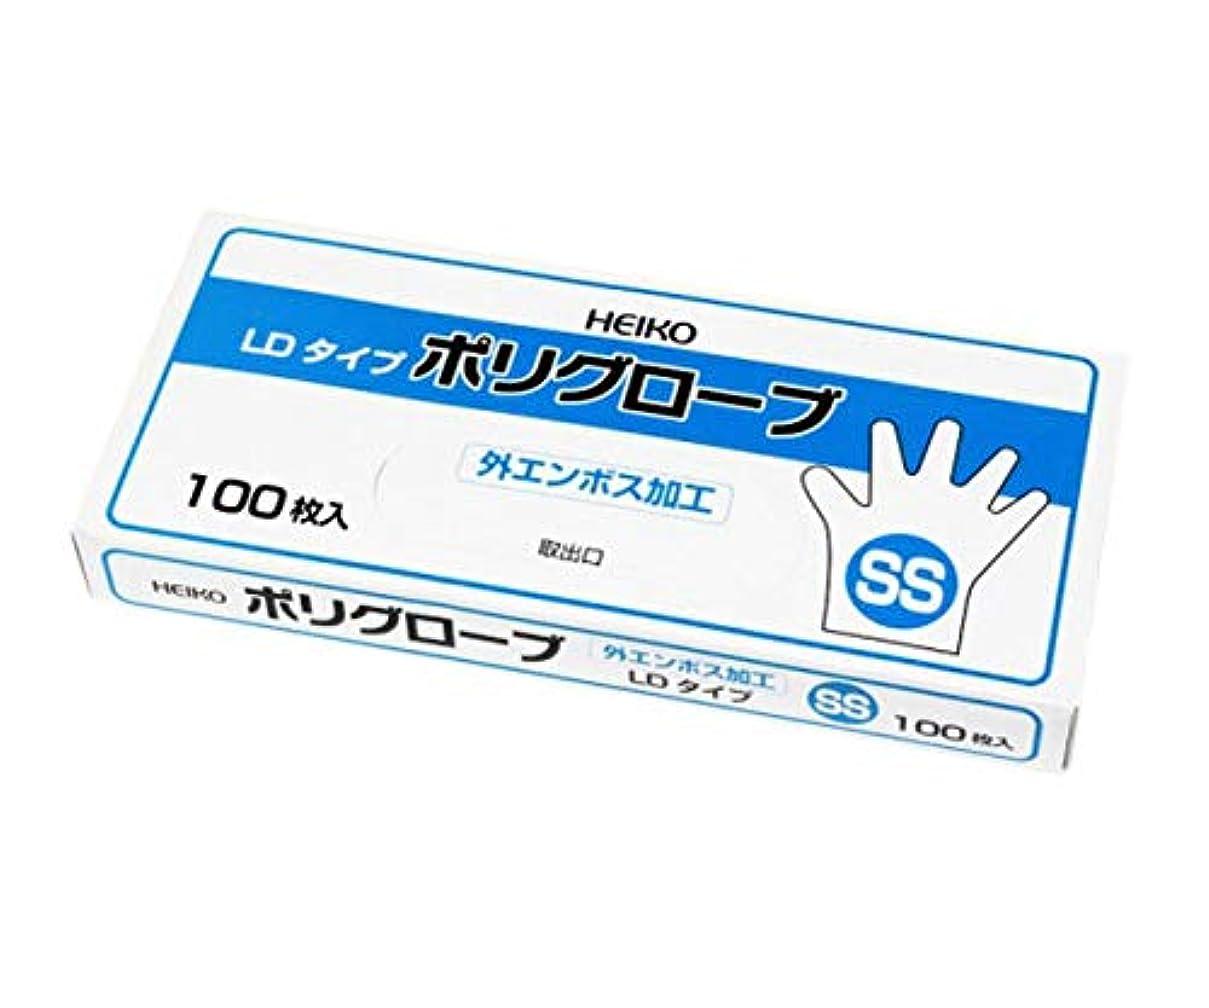 豆不注意シェルHEIKO ポリグローブ ポリLD 外エンボス100入 SS 100枚/62-1021-93